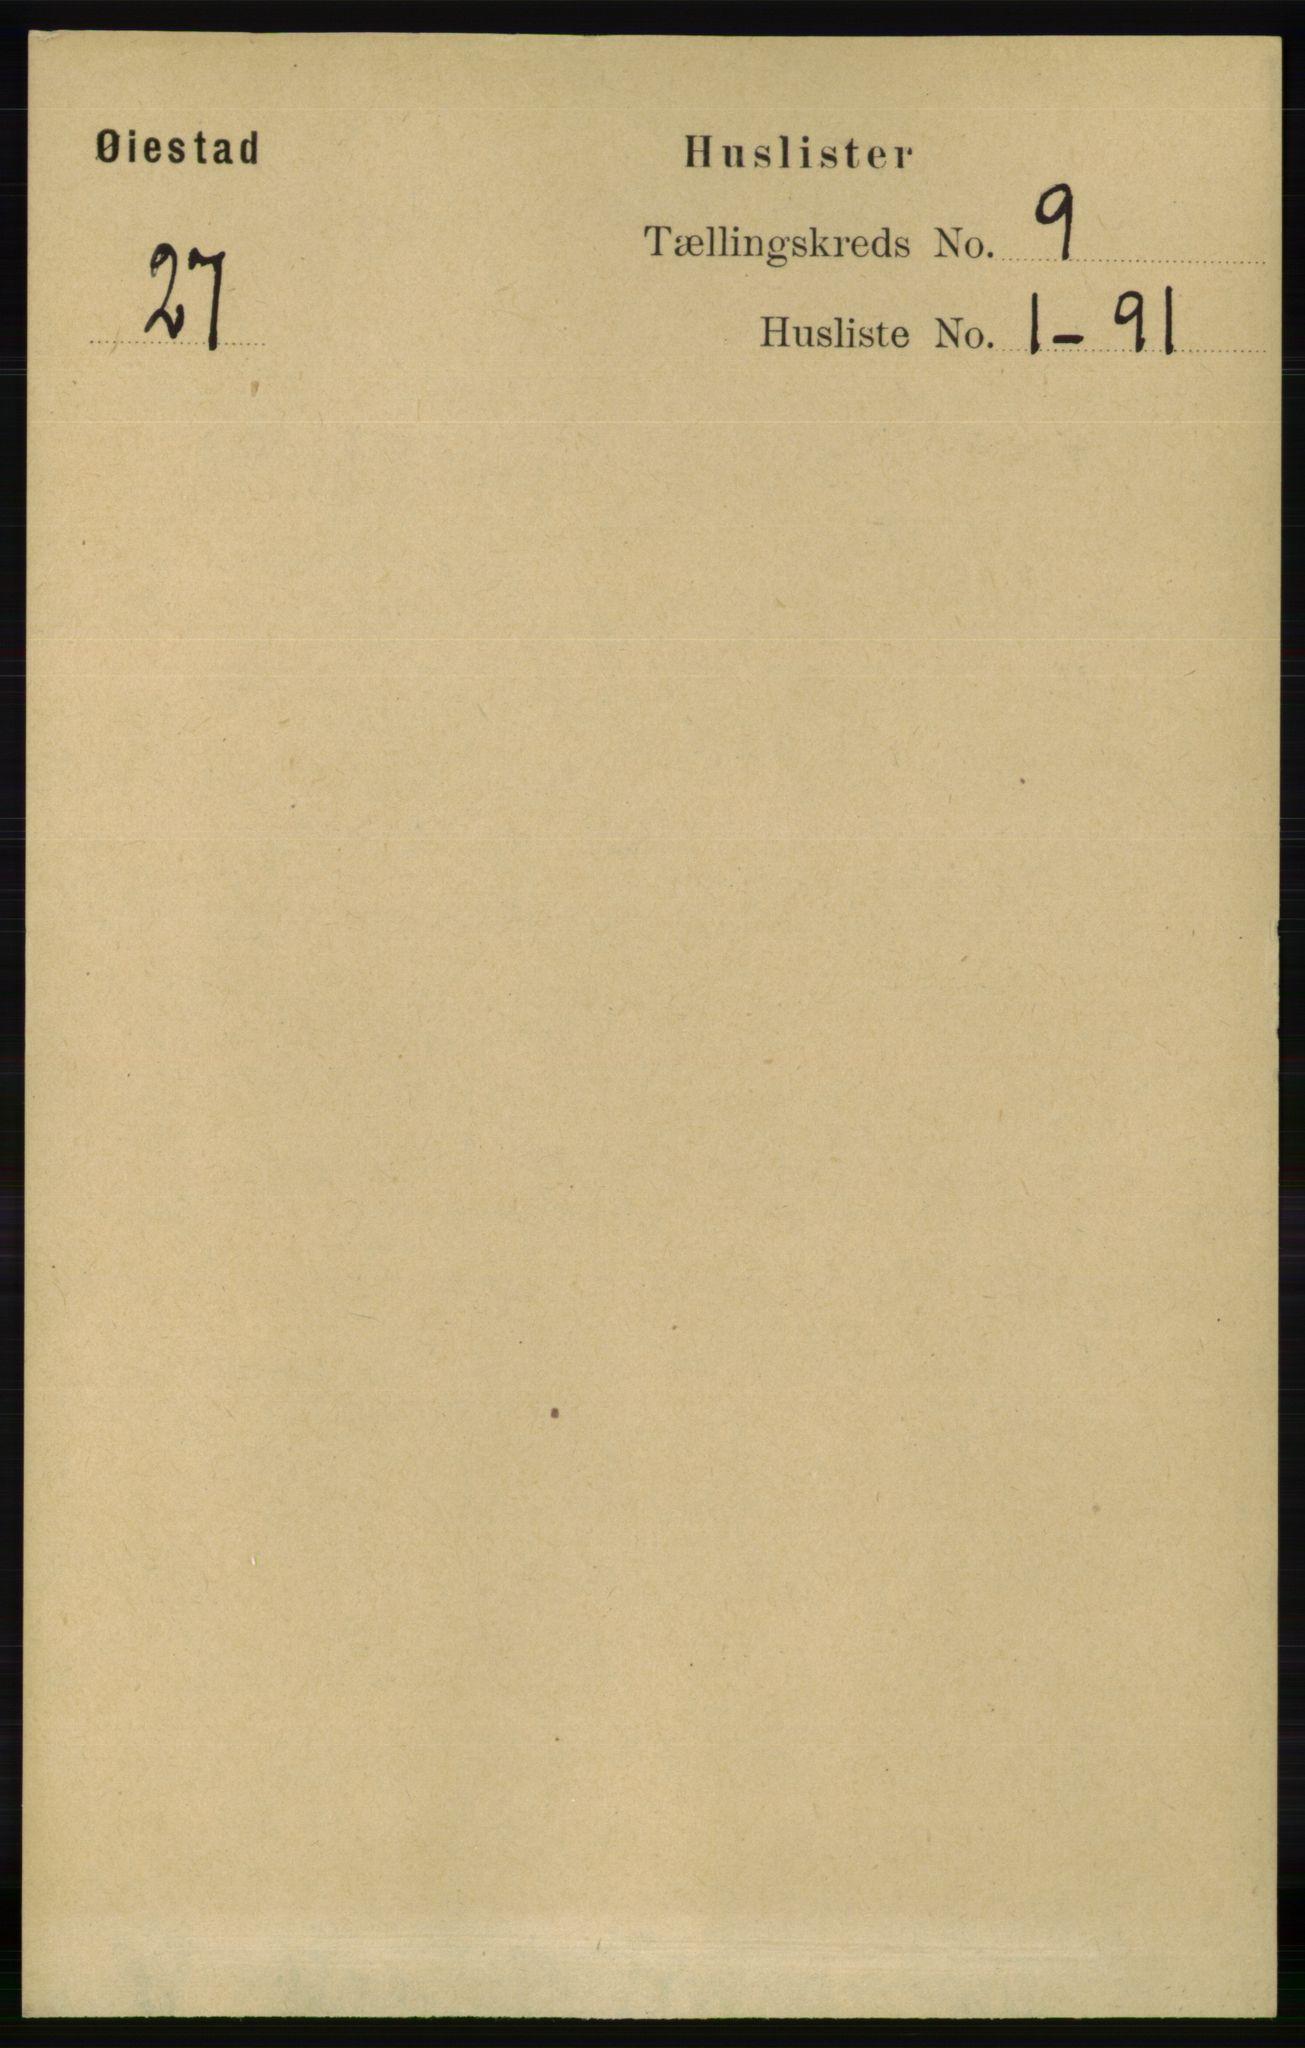 RA, Folketelling 1891 for 0920 Øyestad herred, 1891, s. 3470